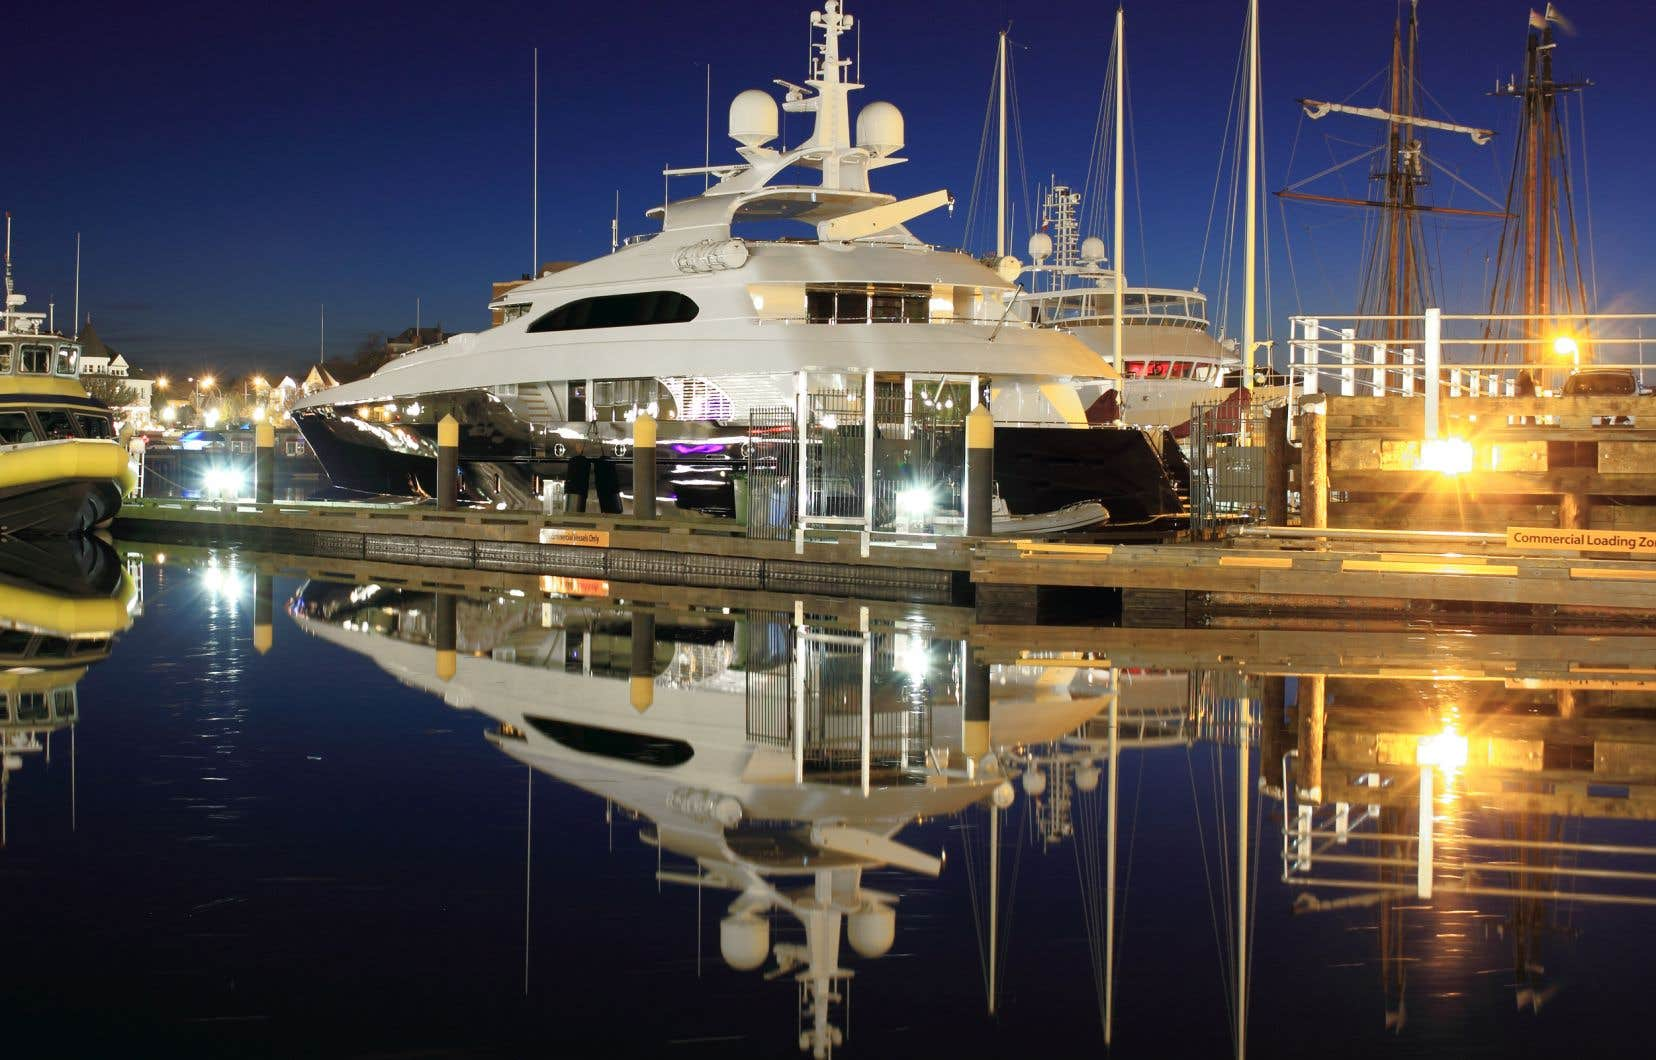 Dans son dernier budget, le gouvernement Trudeau a annoncé la création d'une nouvelle taxe de 10 % qui s'appliquera à l'achat de voitures, de bateaux et d'avions privés de luxe qui devrait rapporter 600 millions de dollars sur cinq ans.